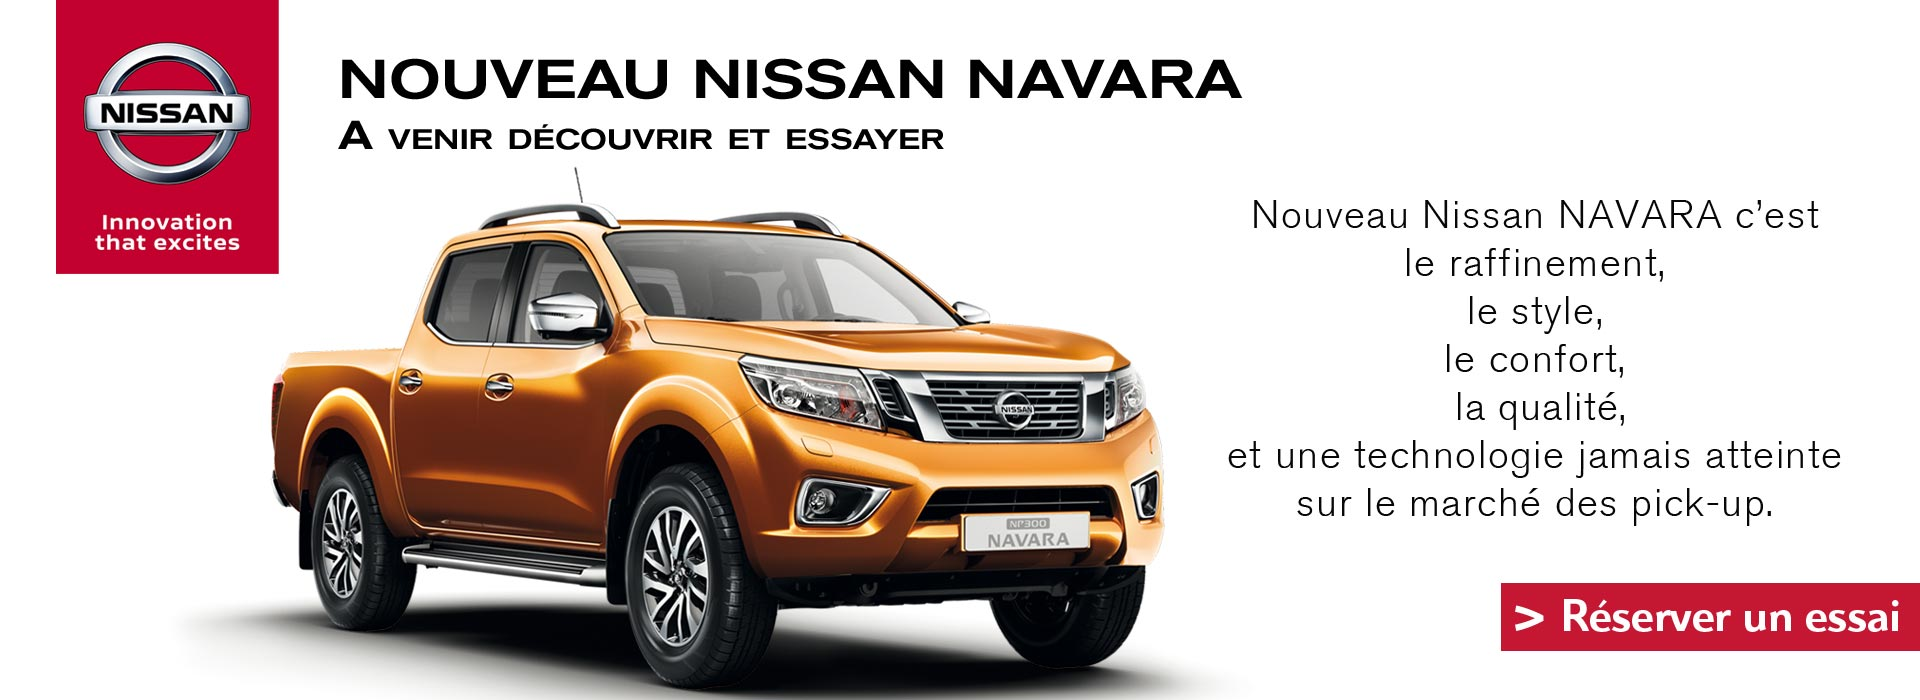 NOUVEAU-NISSAN-NP300-NAVARA